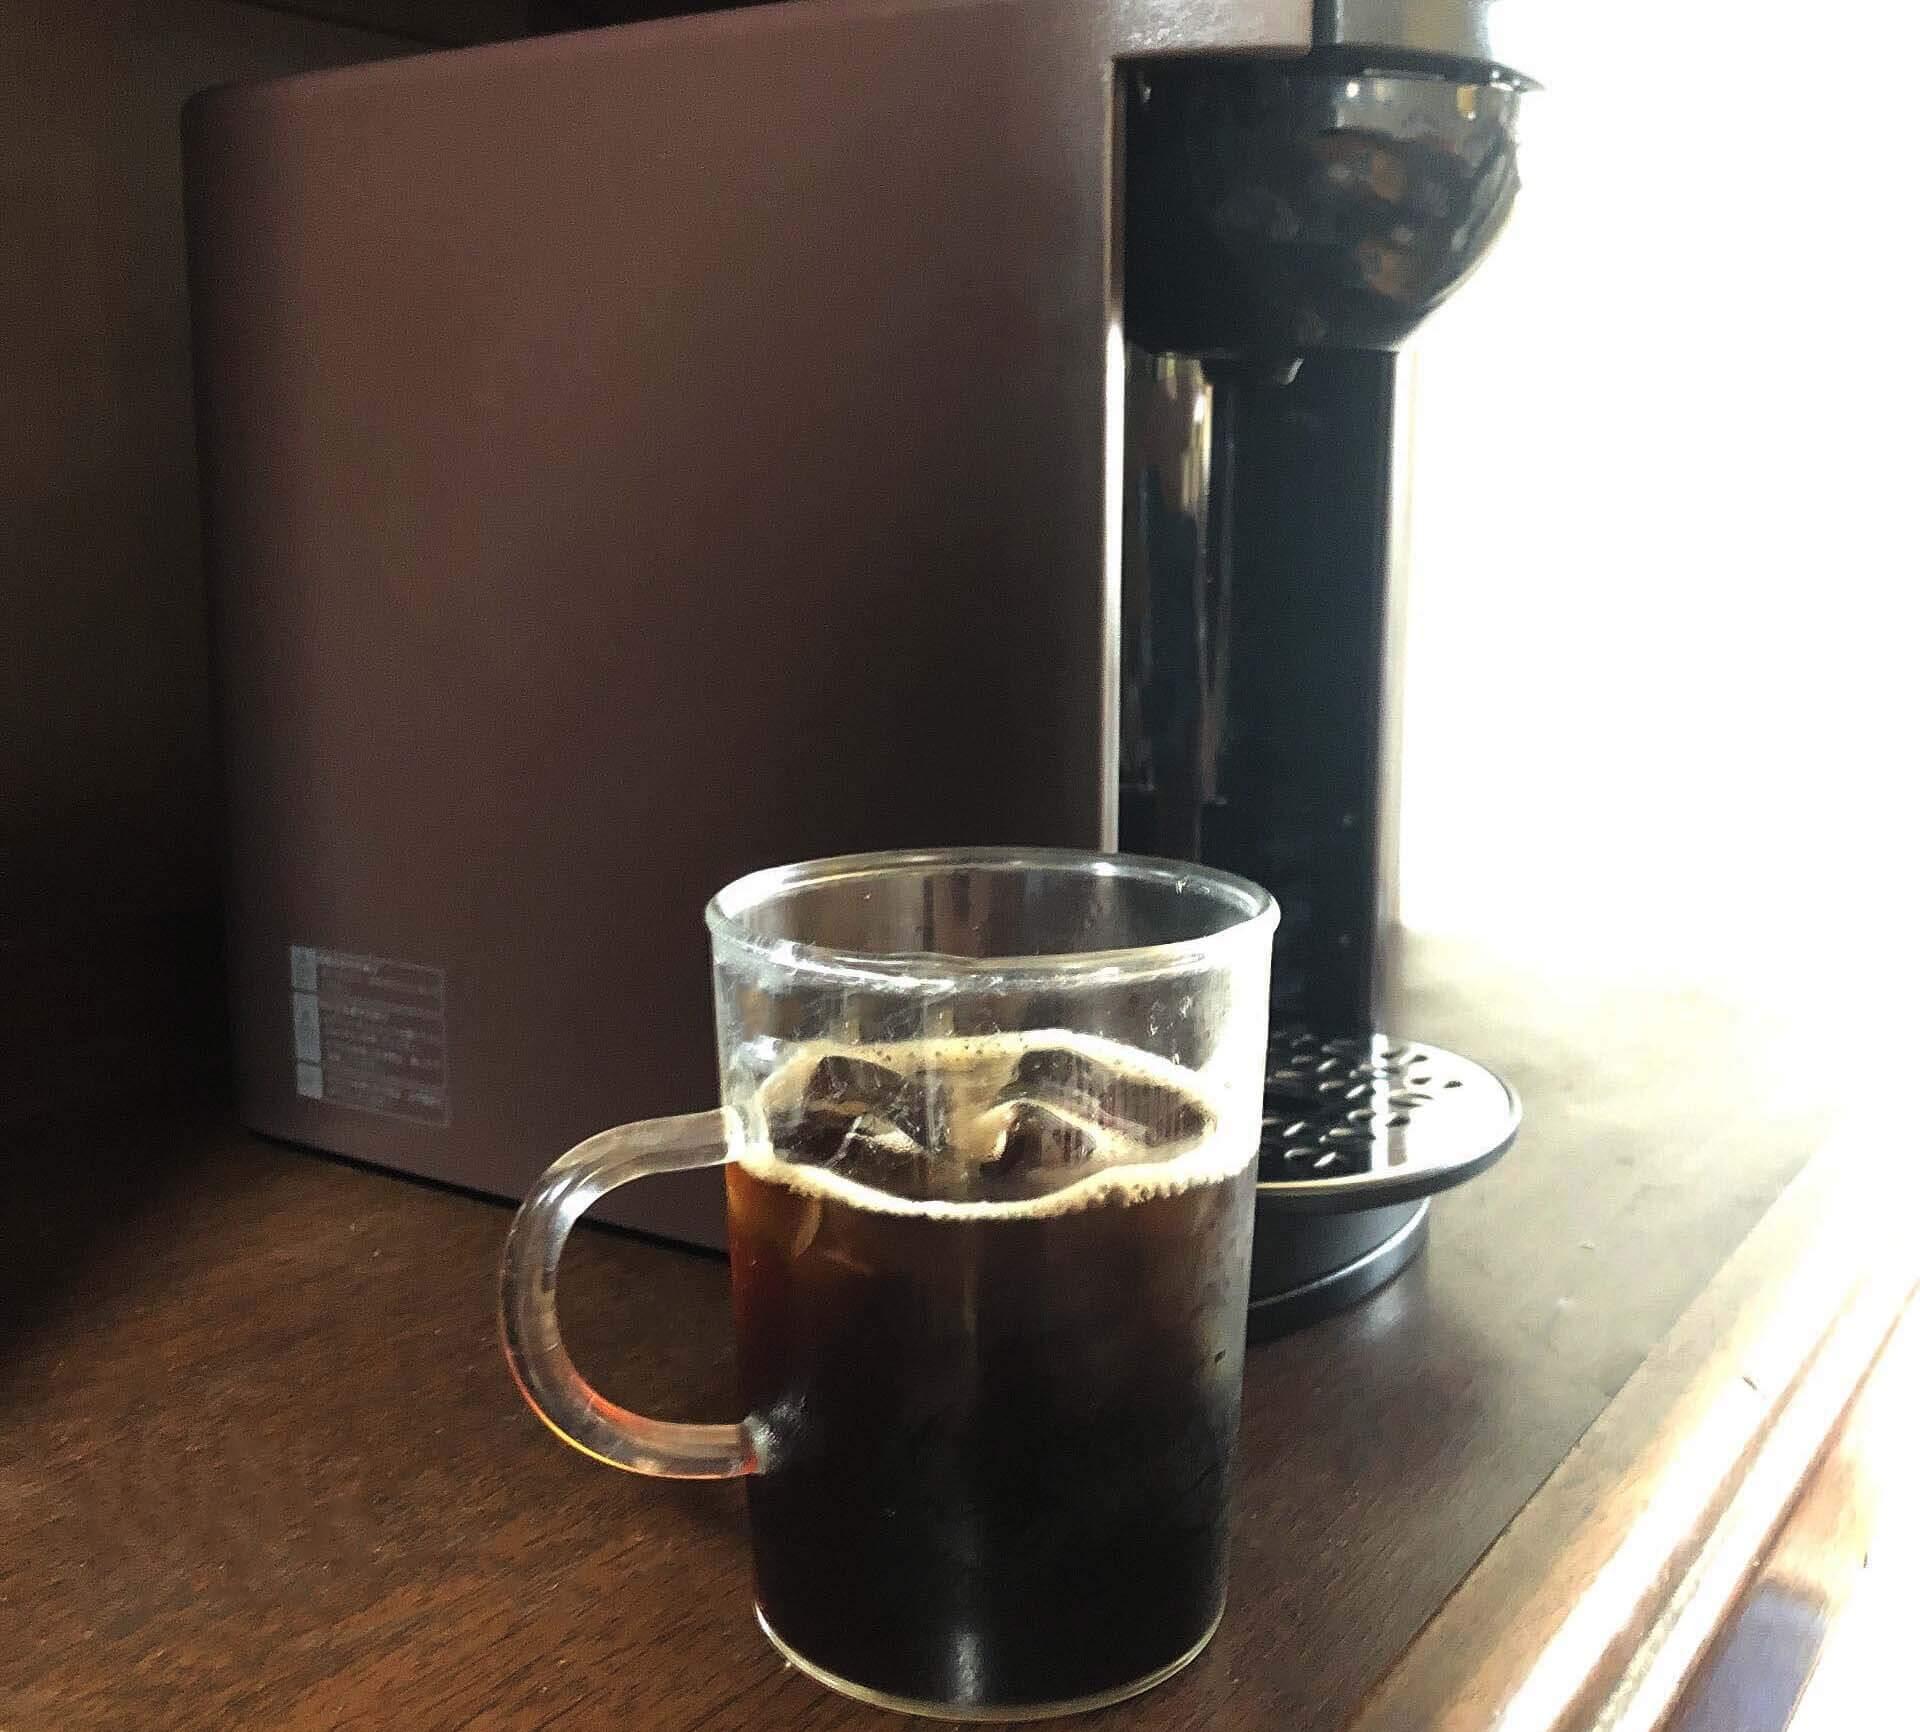 実際にドリップポッドDP3でアイスコーヒーを淹れてみました!